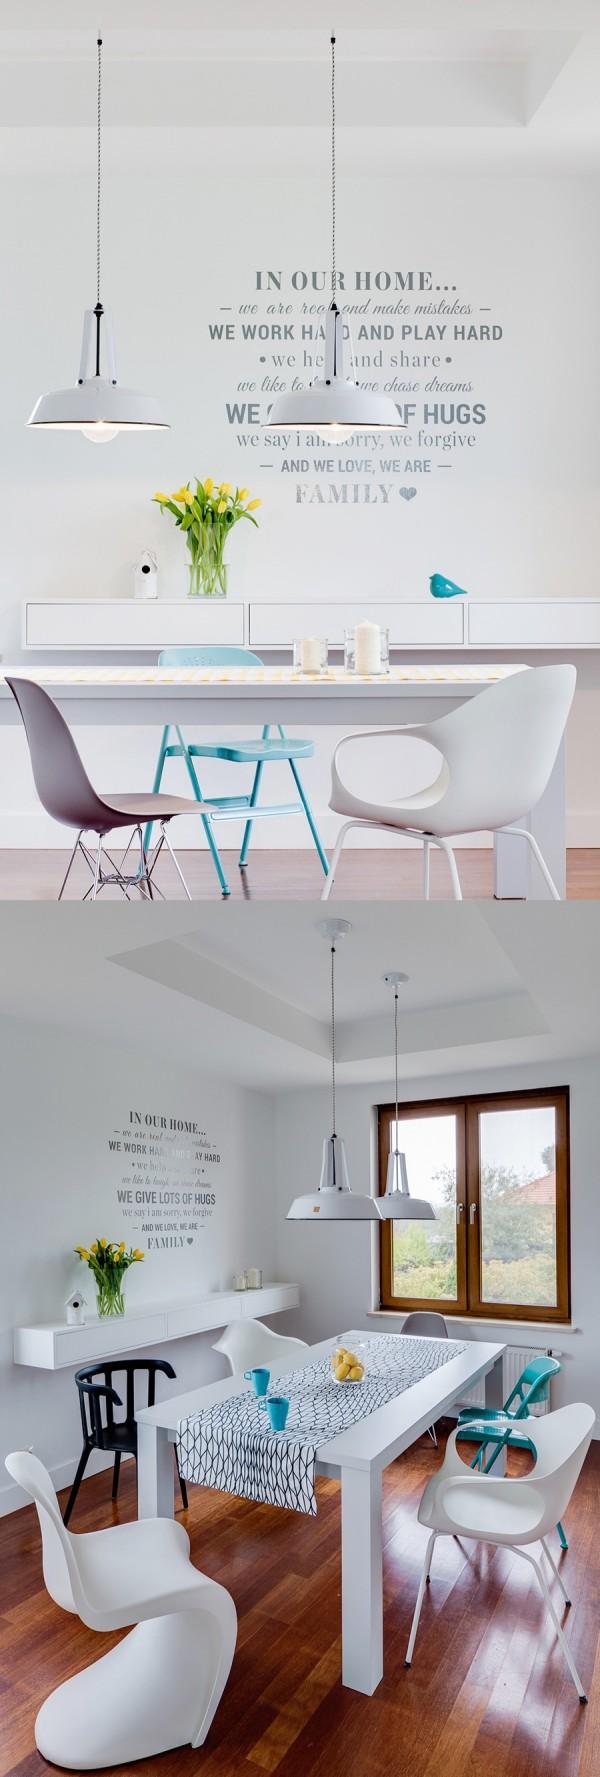 8款现代前卫的时尚家居餐厅设计(组图)